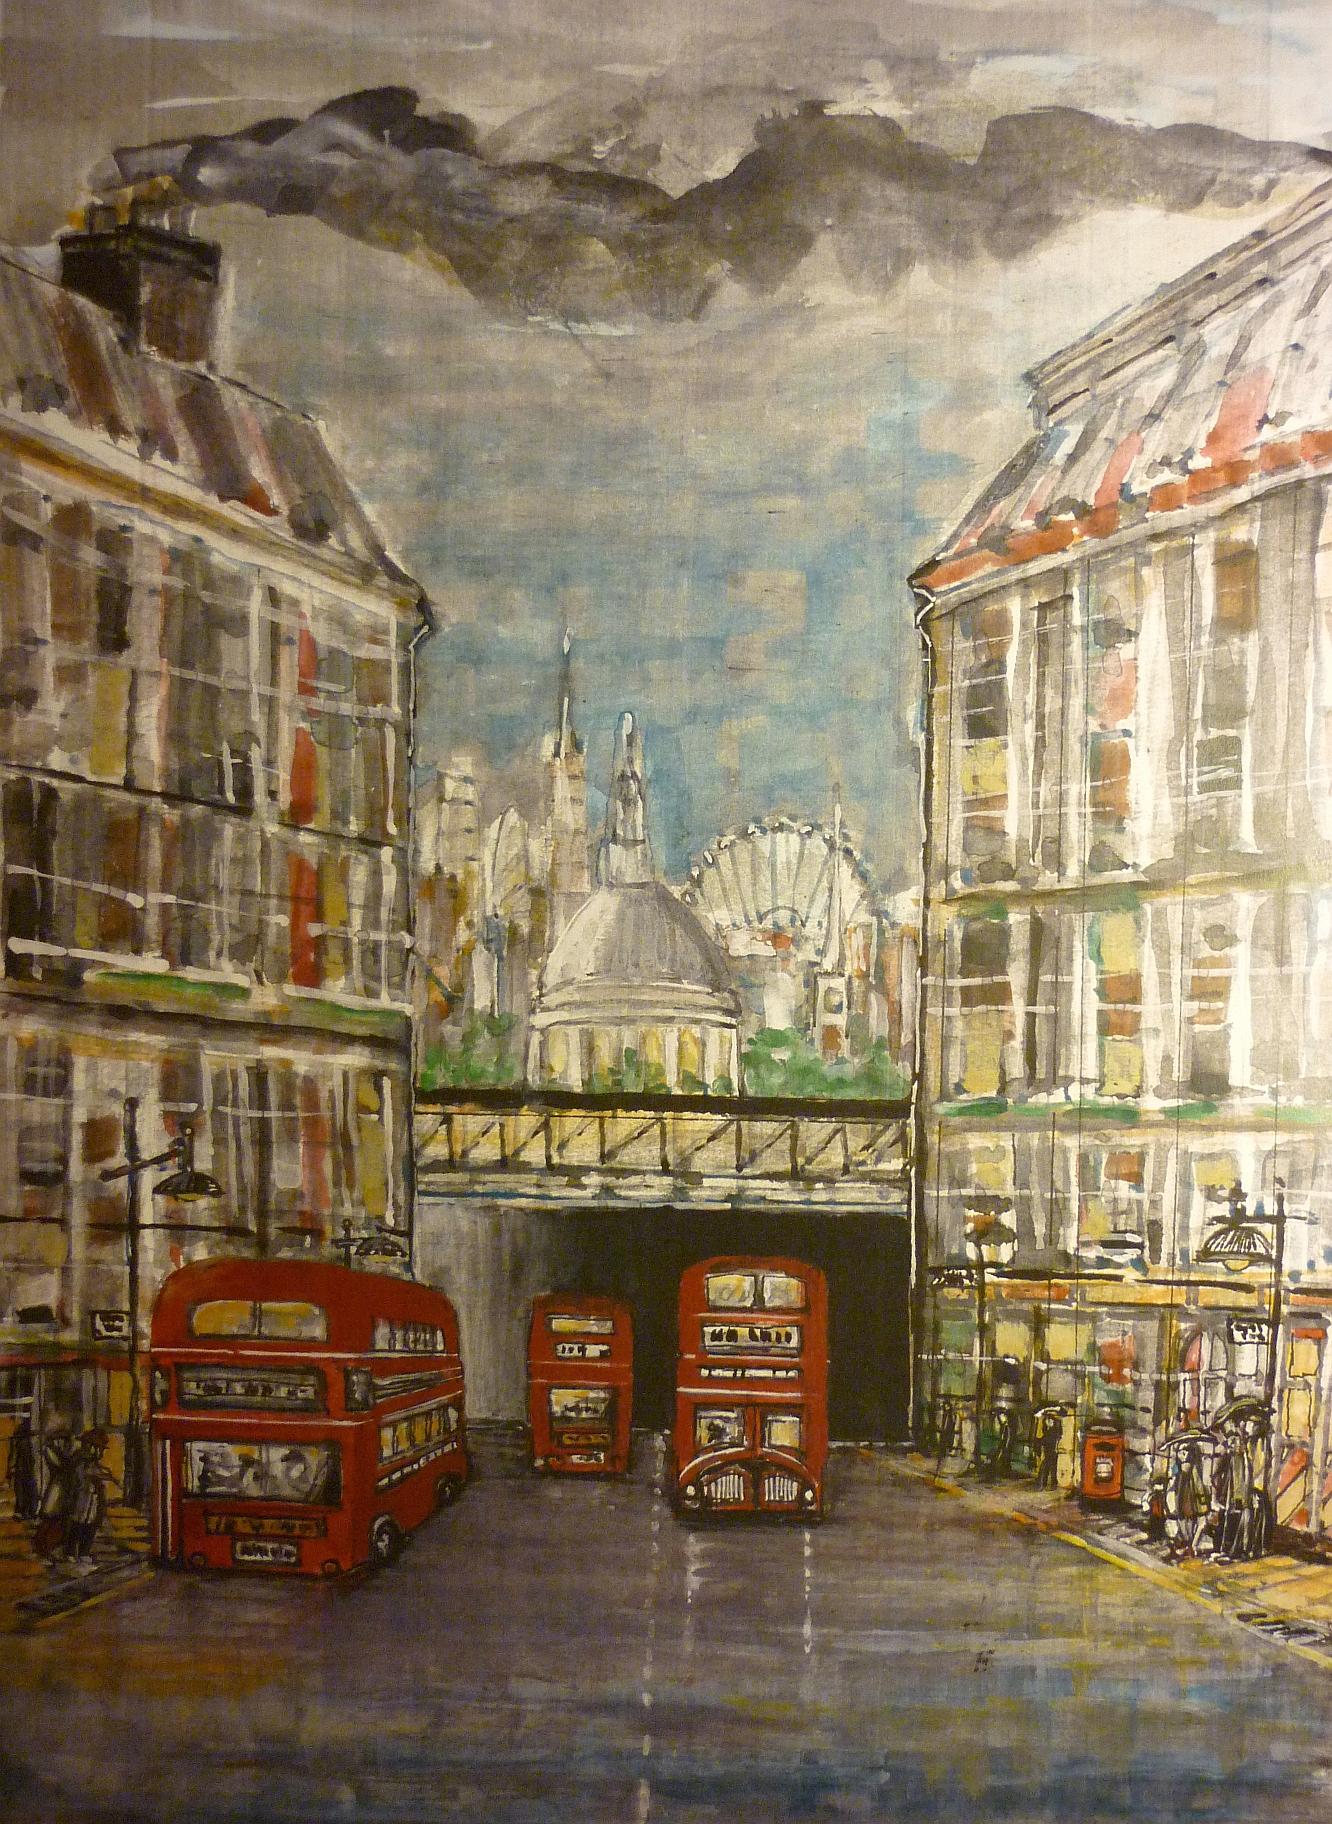 London City, Fleet Street, bridge, routemaster, bus,rain in london,